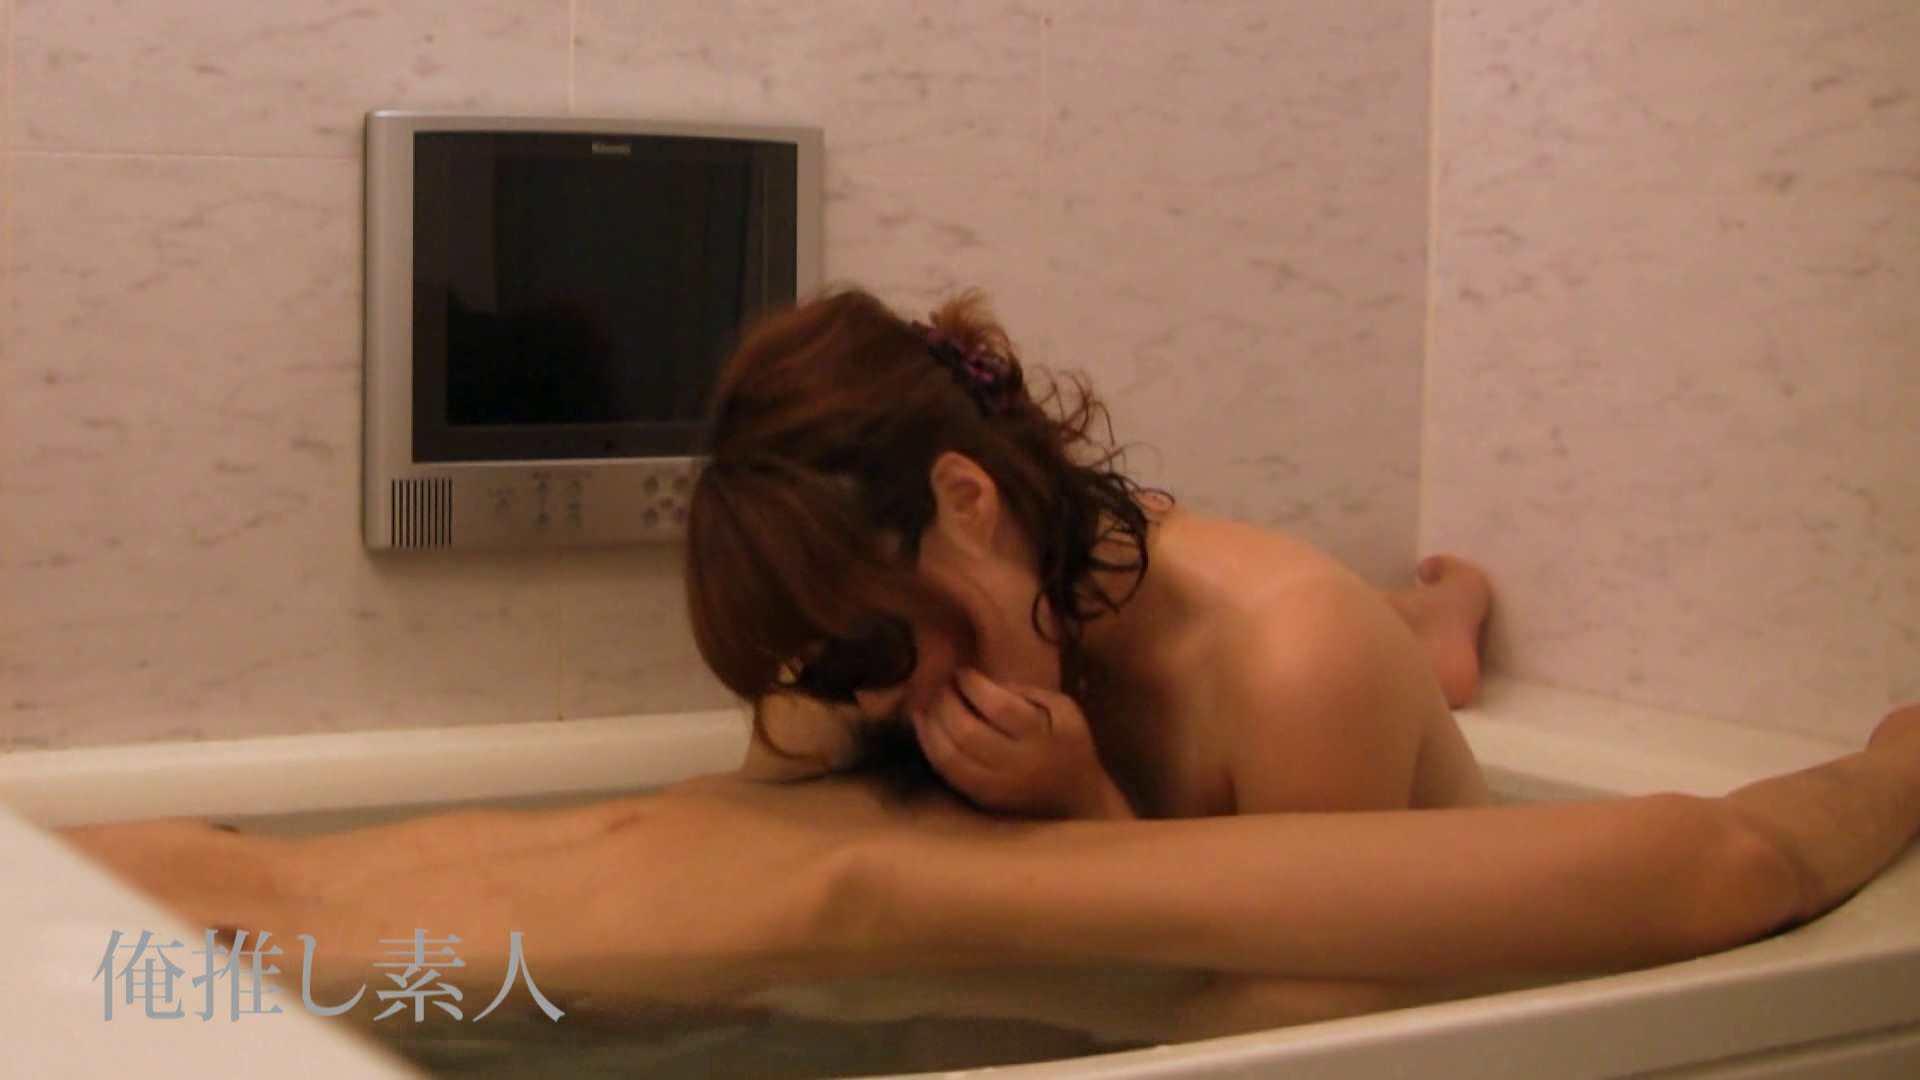 俺推し素人 キャバクラ嬢26歳久美vol4 素人  75連発 13